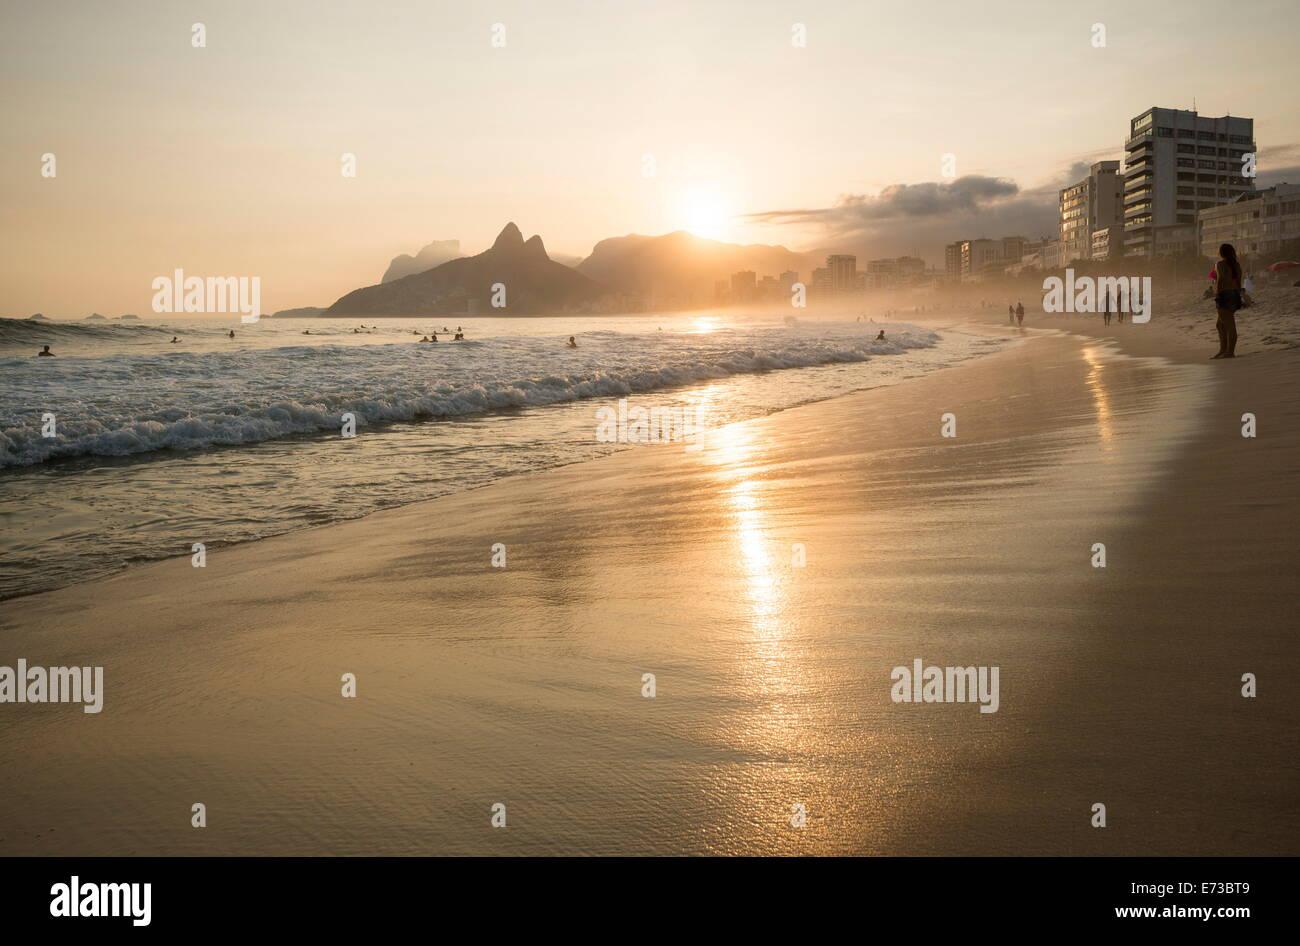 La spiaggia di Ipanema al tramonto, Rio de Janeiro, Brasile, Sud America Immagini Stock